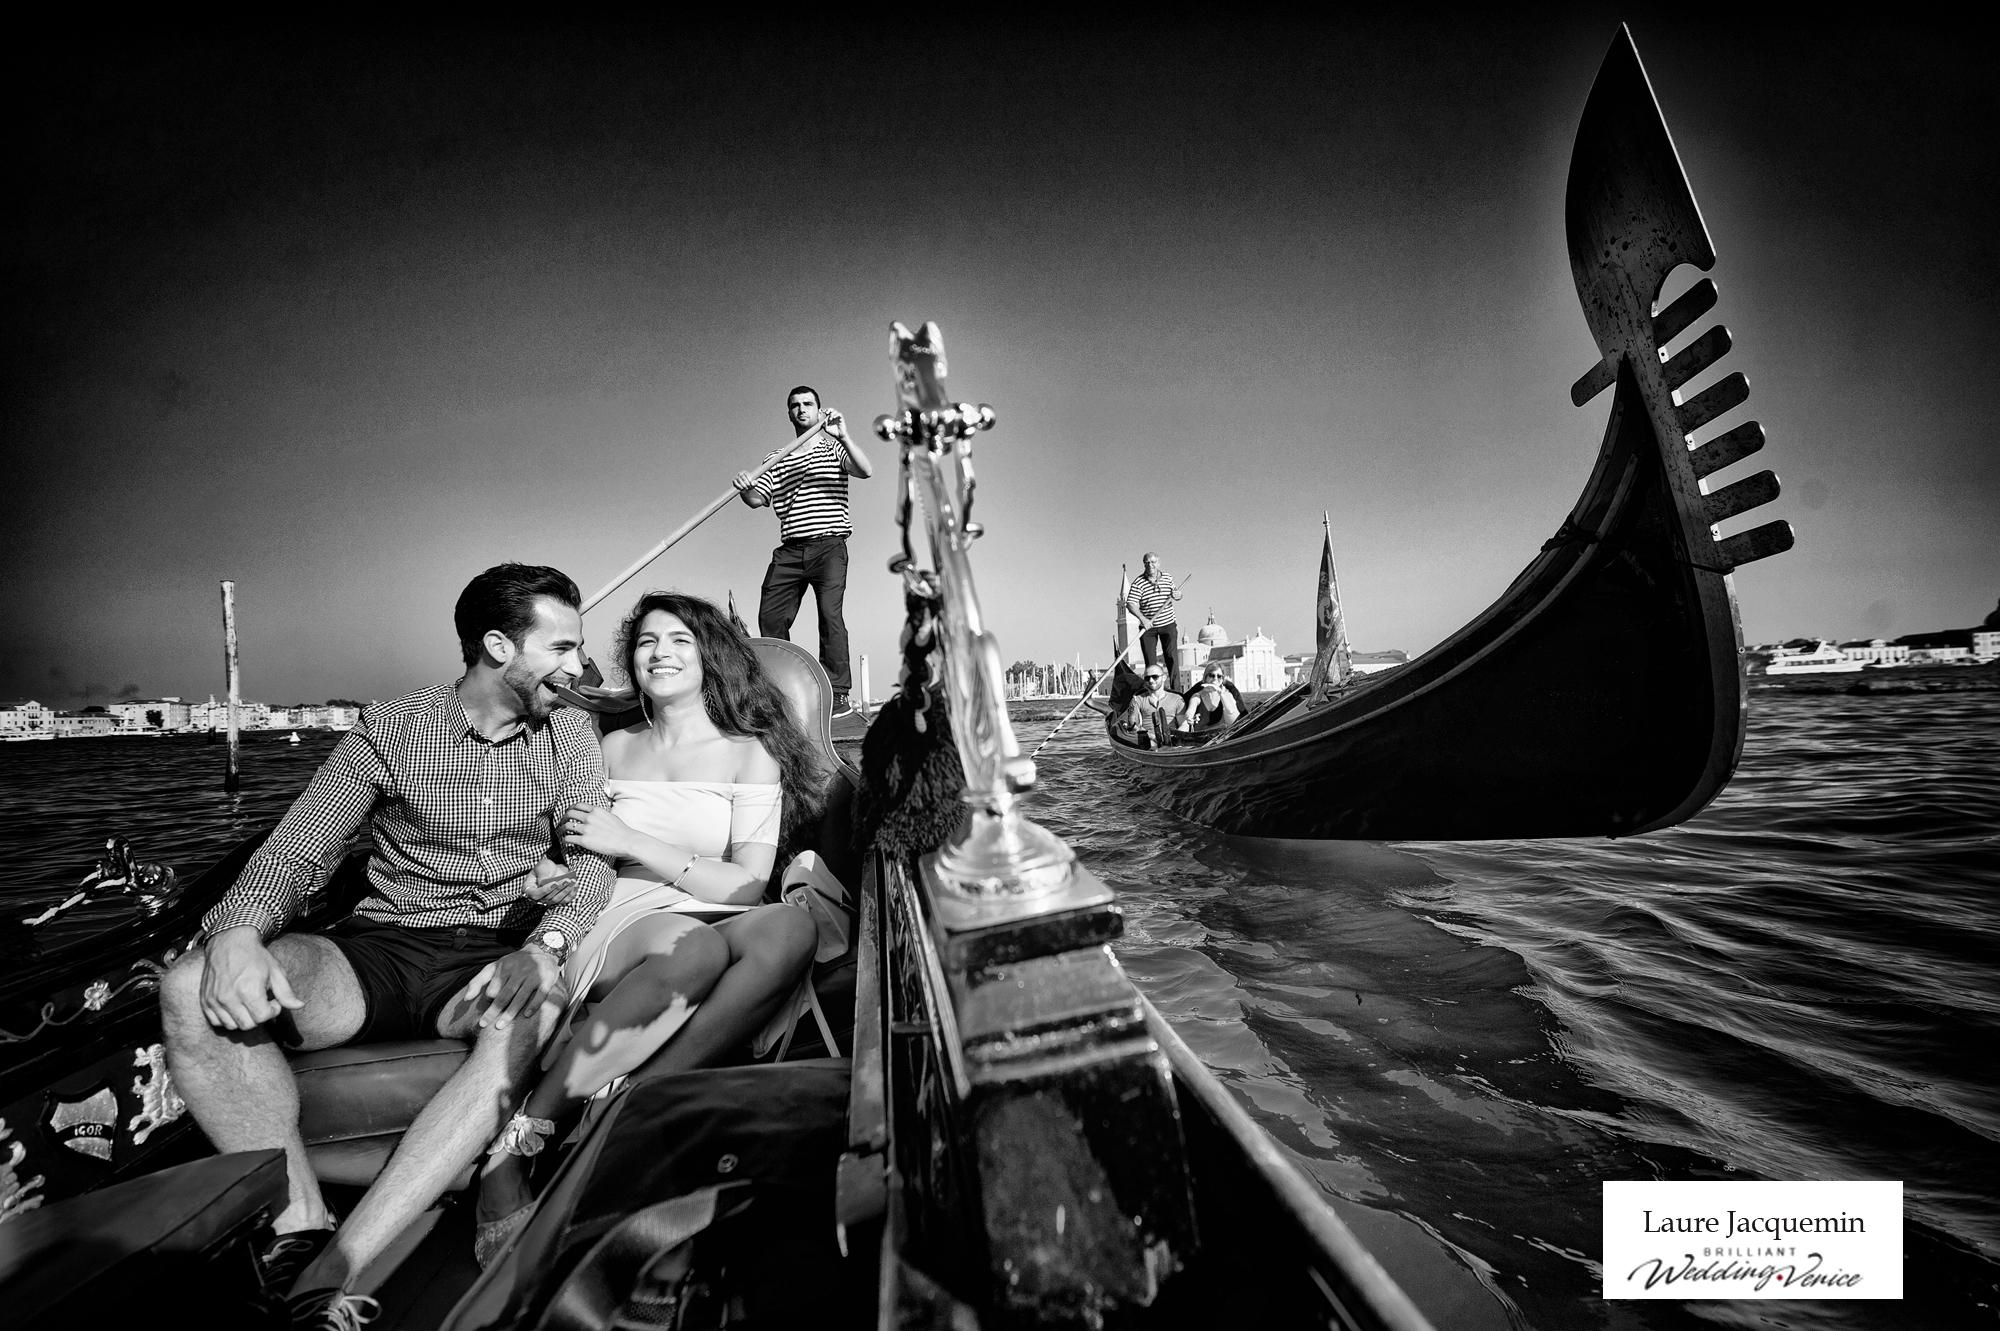 venise gondole banner fiancaille photographe demande mariage laure jacquemin (25)